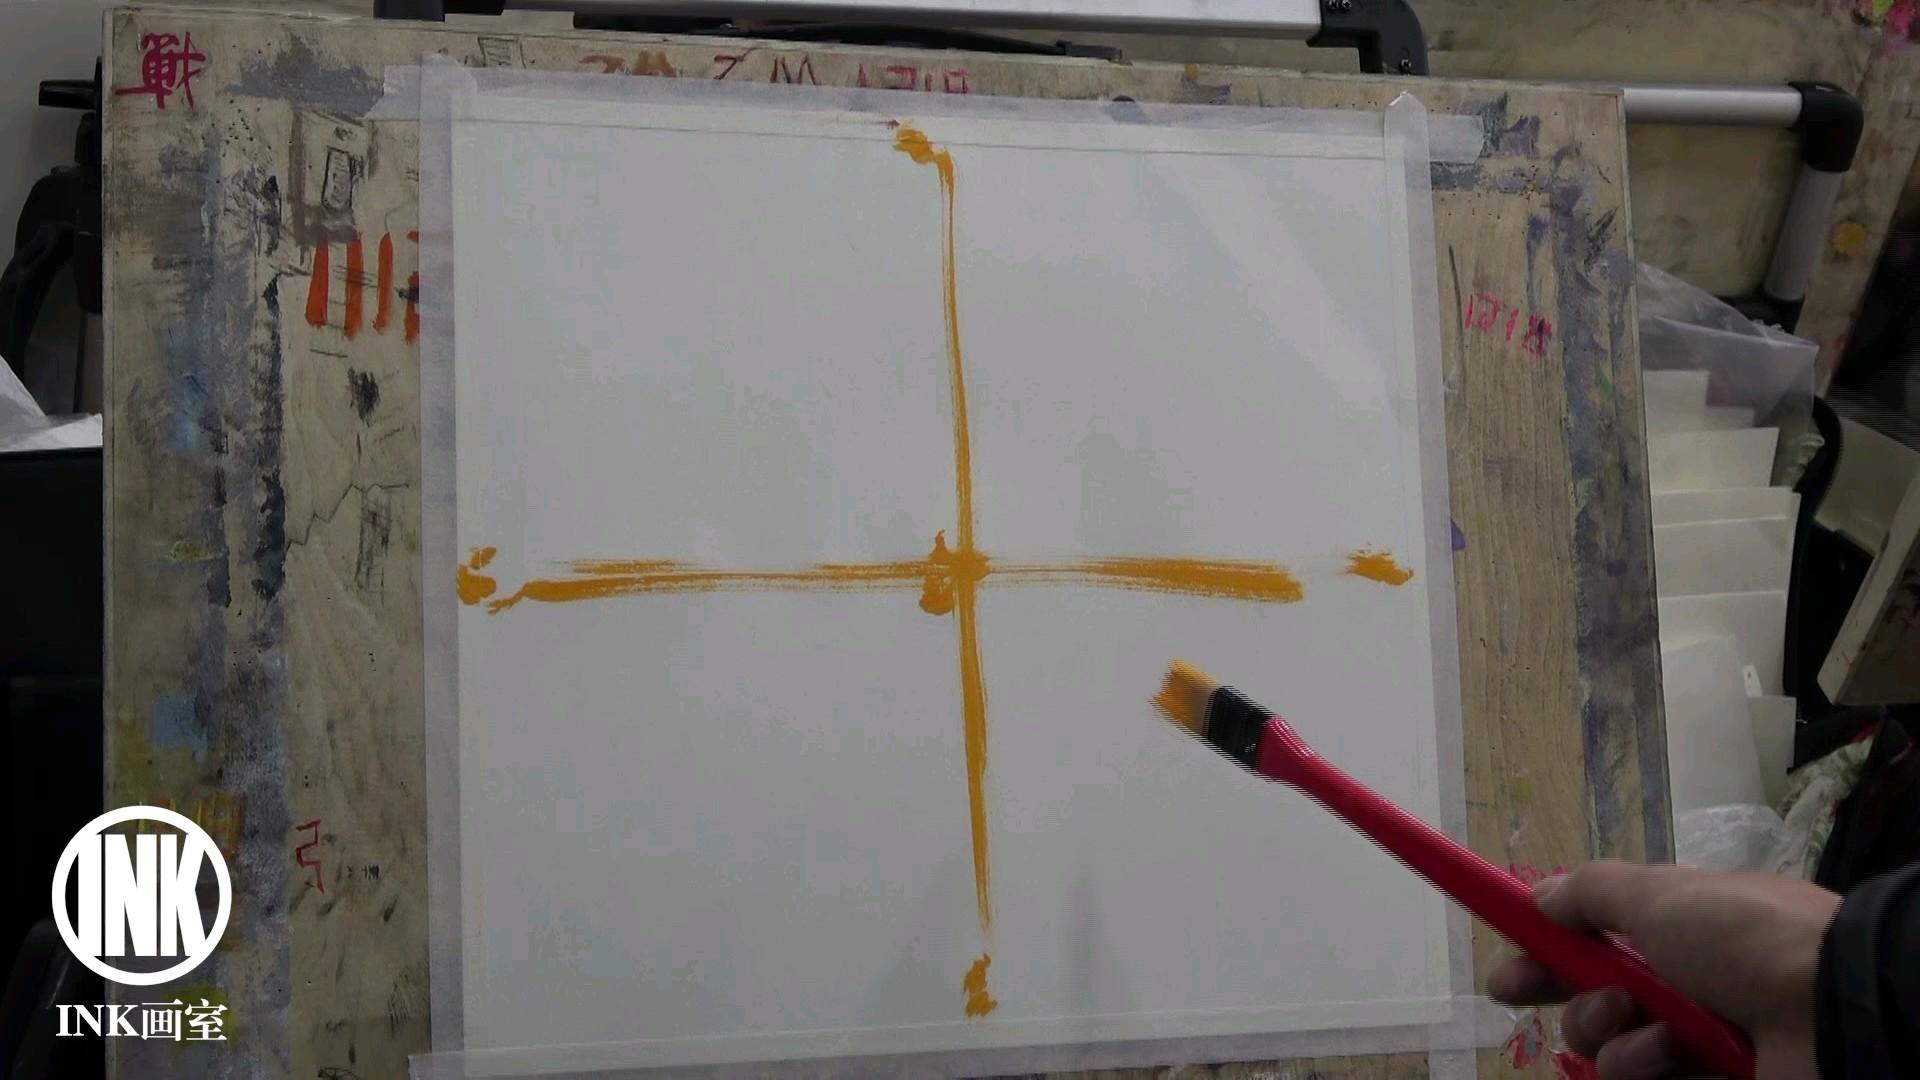 非常有用的构图讲解,衬布塑造。现鹏老师